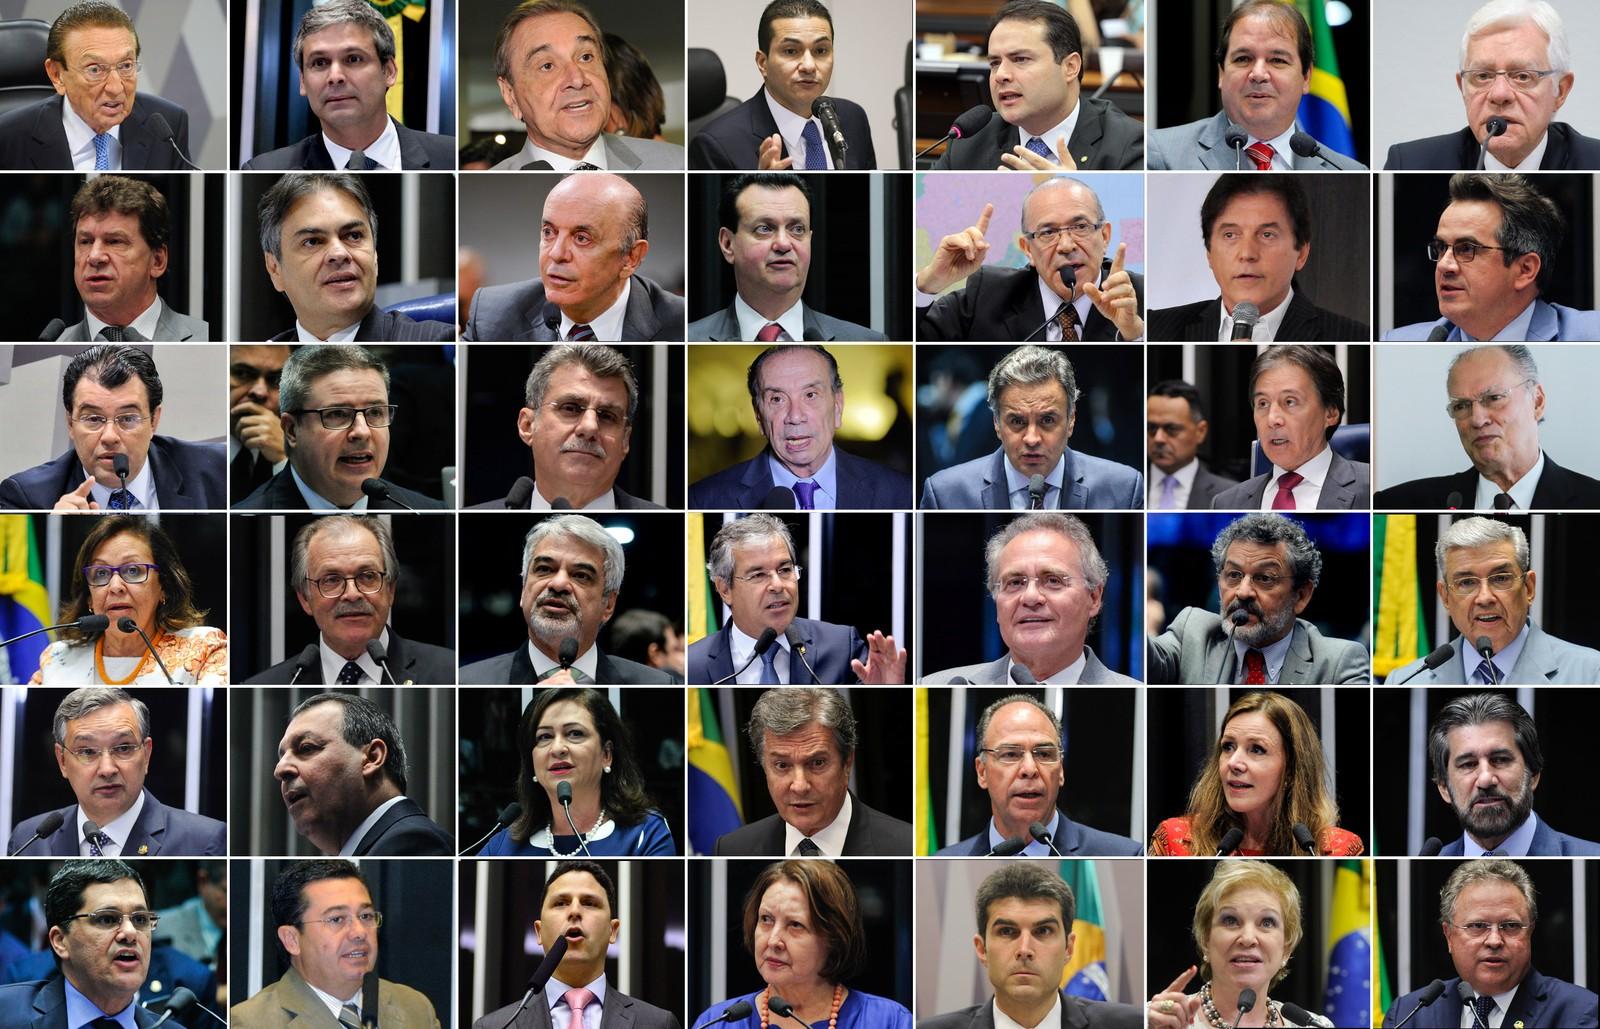 Fachin autoriza inquéritos para investigar 9 ministros, 29 senadores, 42 deputados e 3 governadores, diz jornal